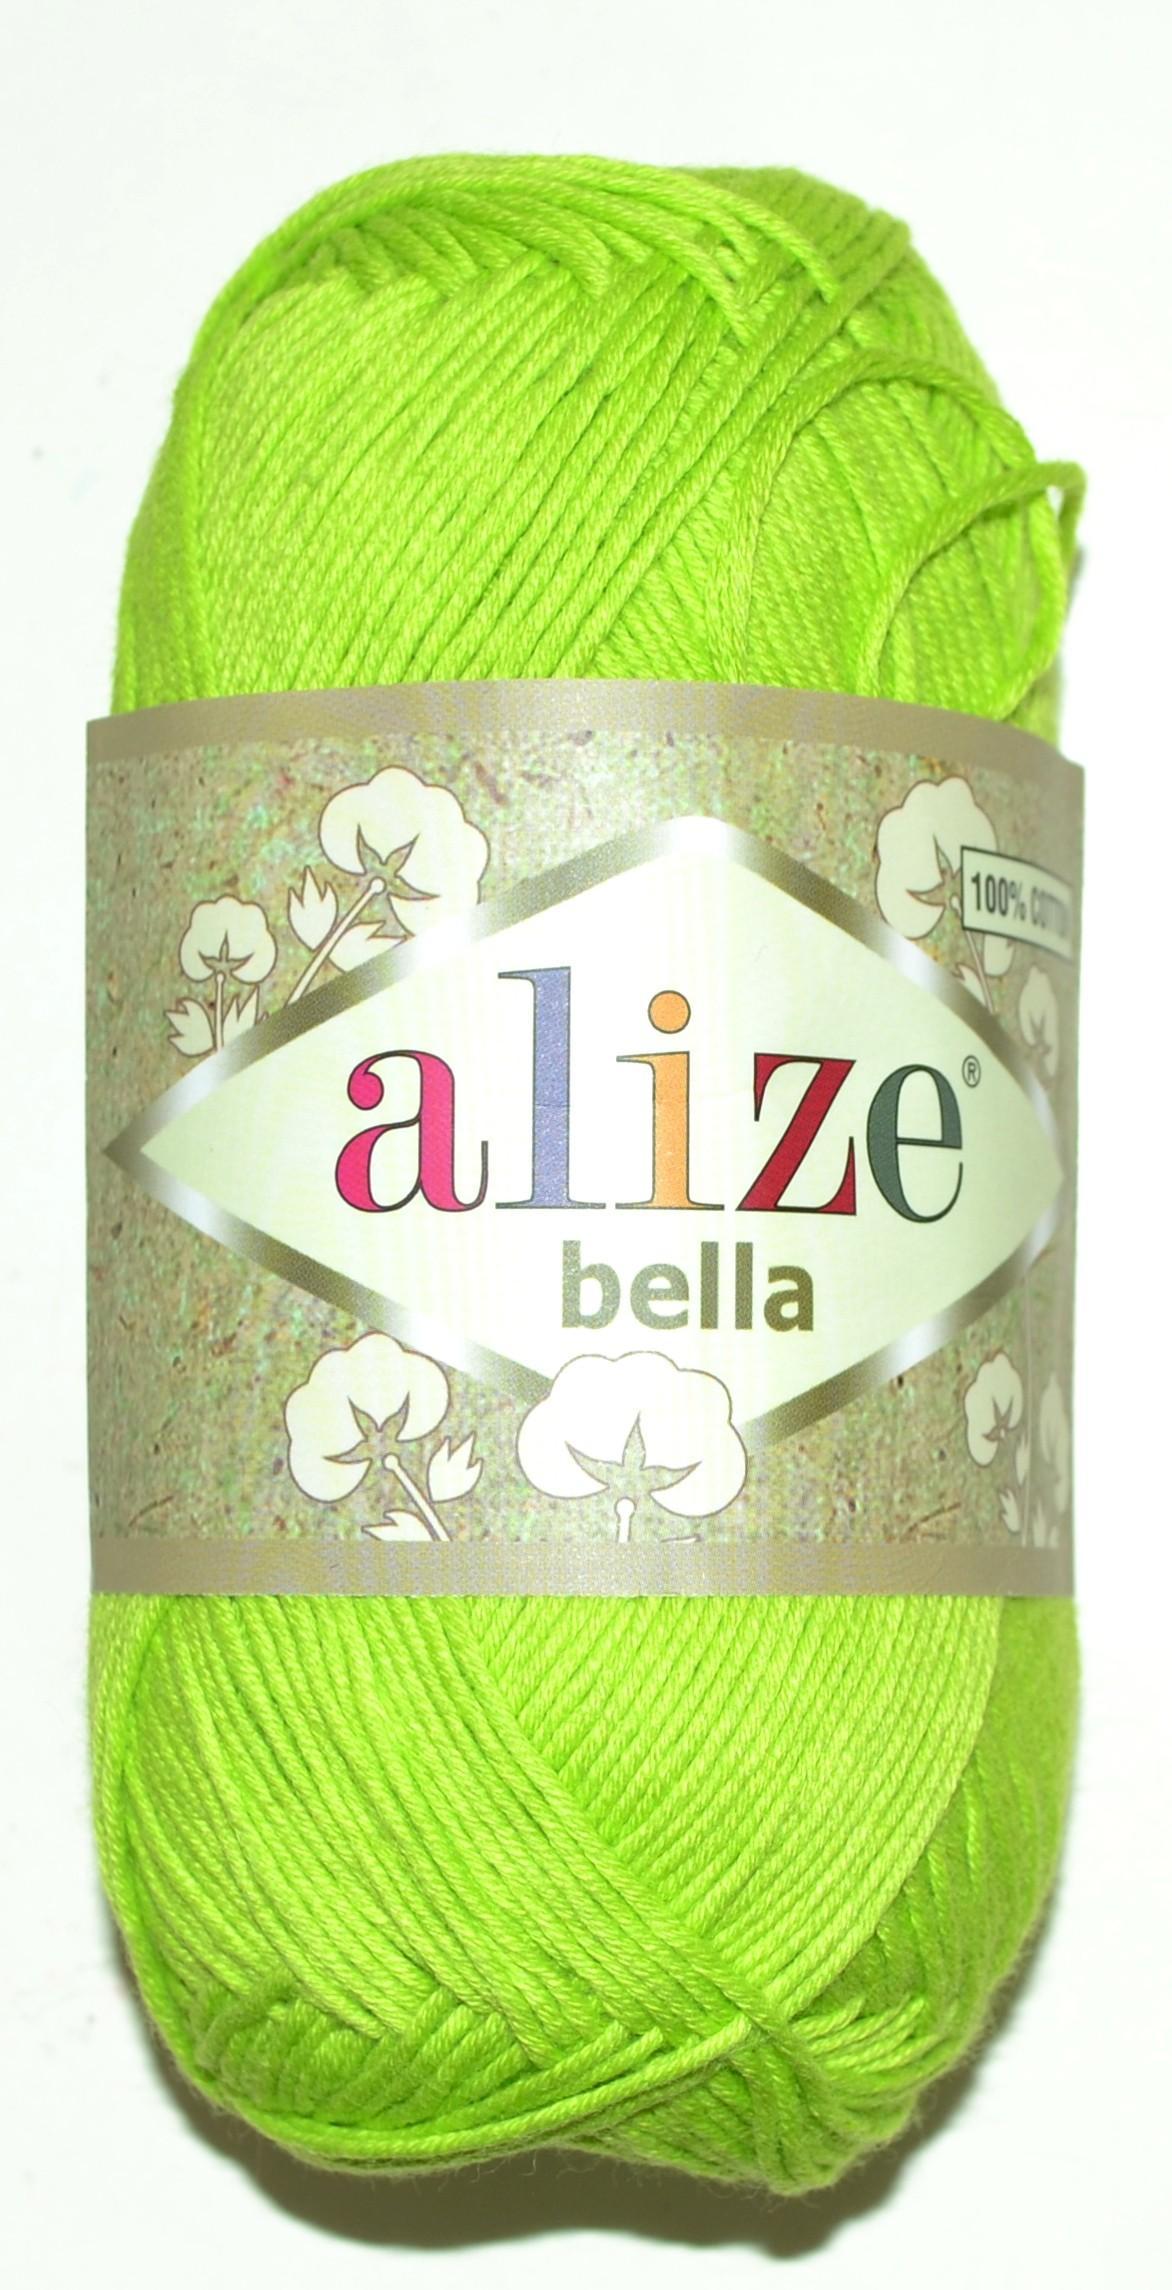 e855d92e7ff Купить ПРЯЖА ALIZE BELLA салатовый неон в интернет-магазине ...